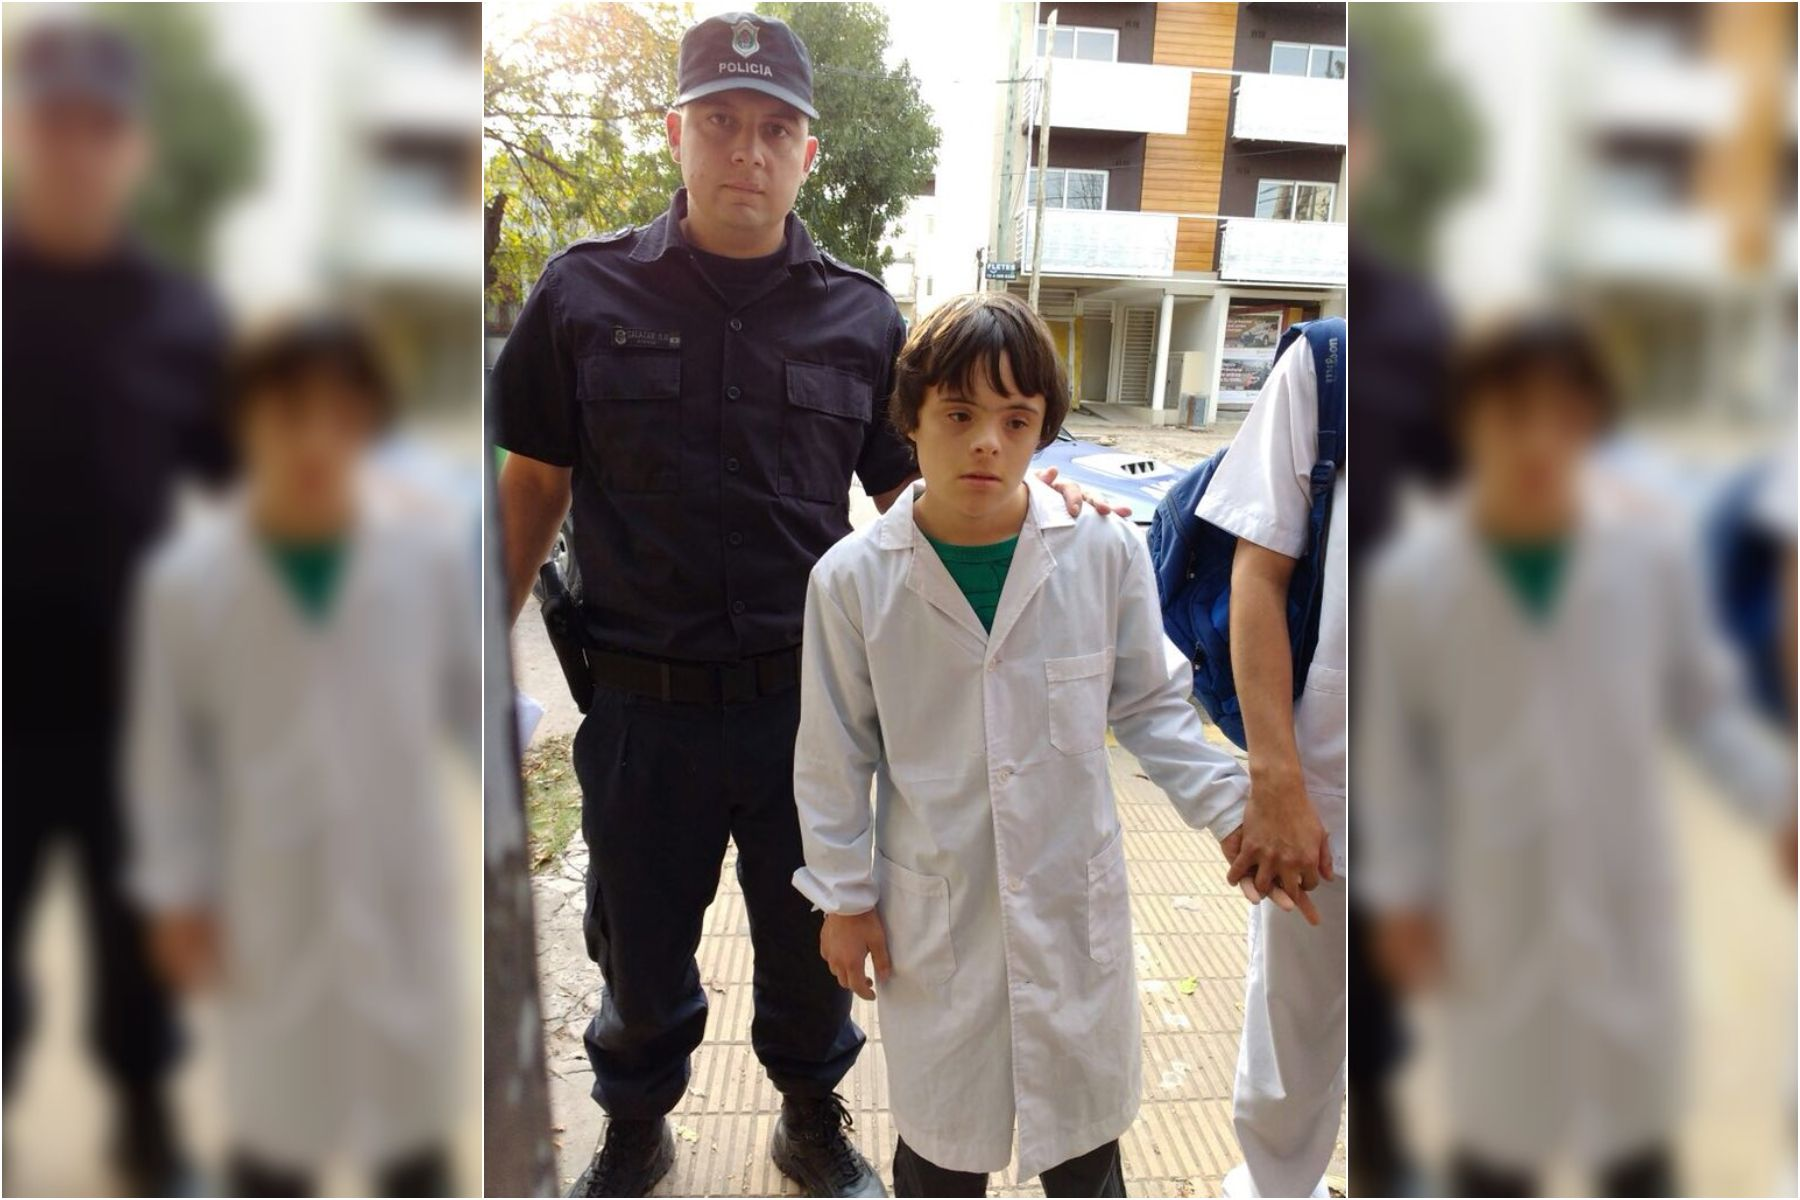 Buscan a la familia de un chico sordomudo que fue trasladado por equivocación a una escuela especial